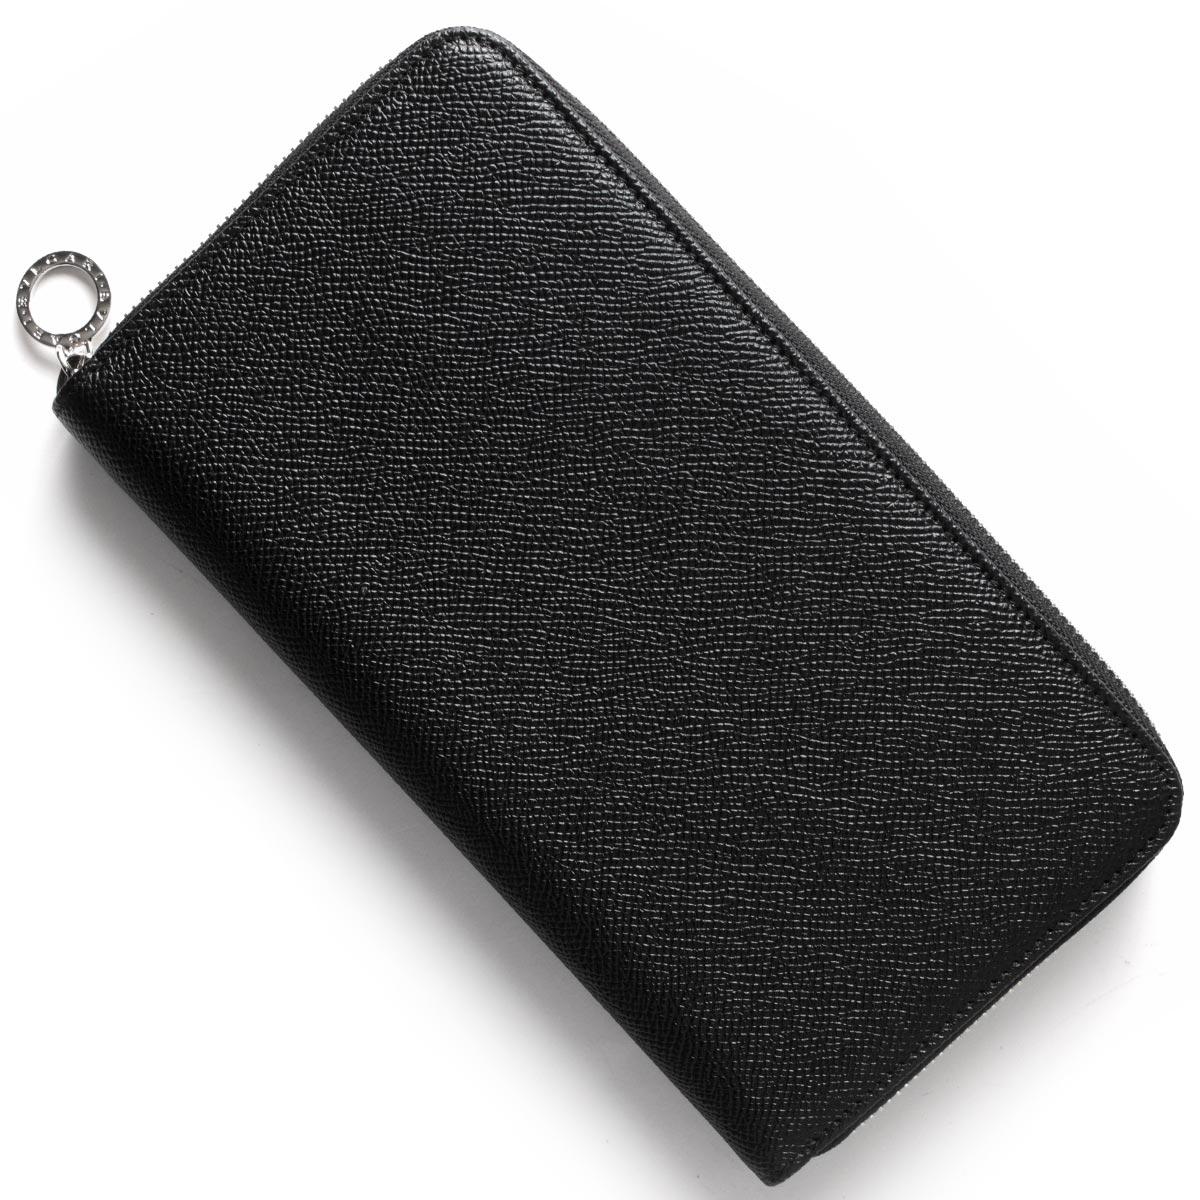 ブルガリ 長財布 財布 メンズ ブルガリブルガリ BB ブラック 36710 BVLGARI